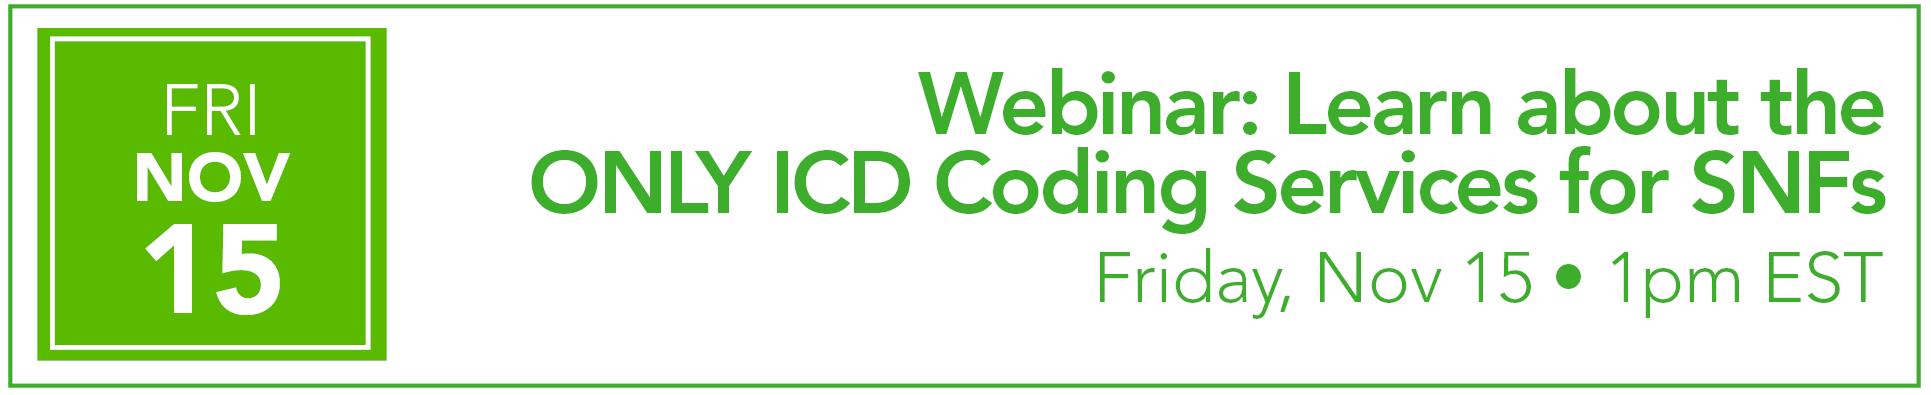 v3 ICD-10 Webinar Button 110719